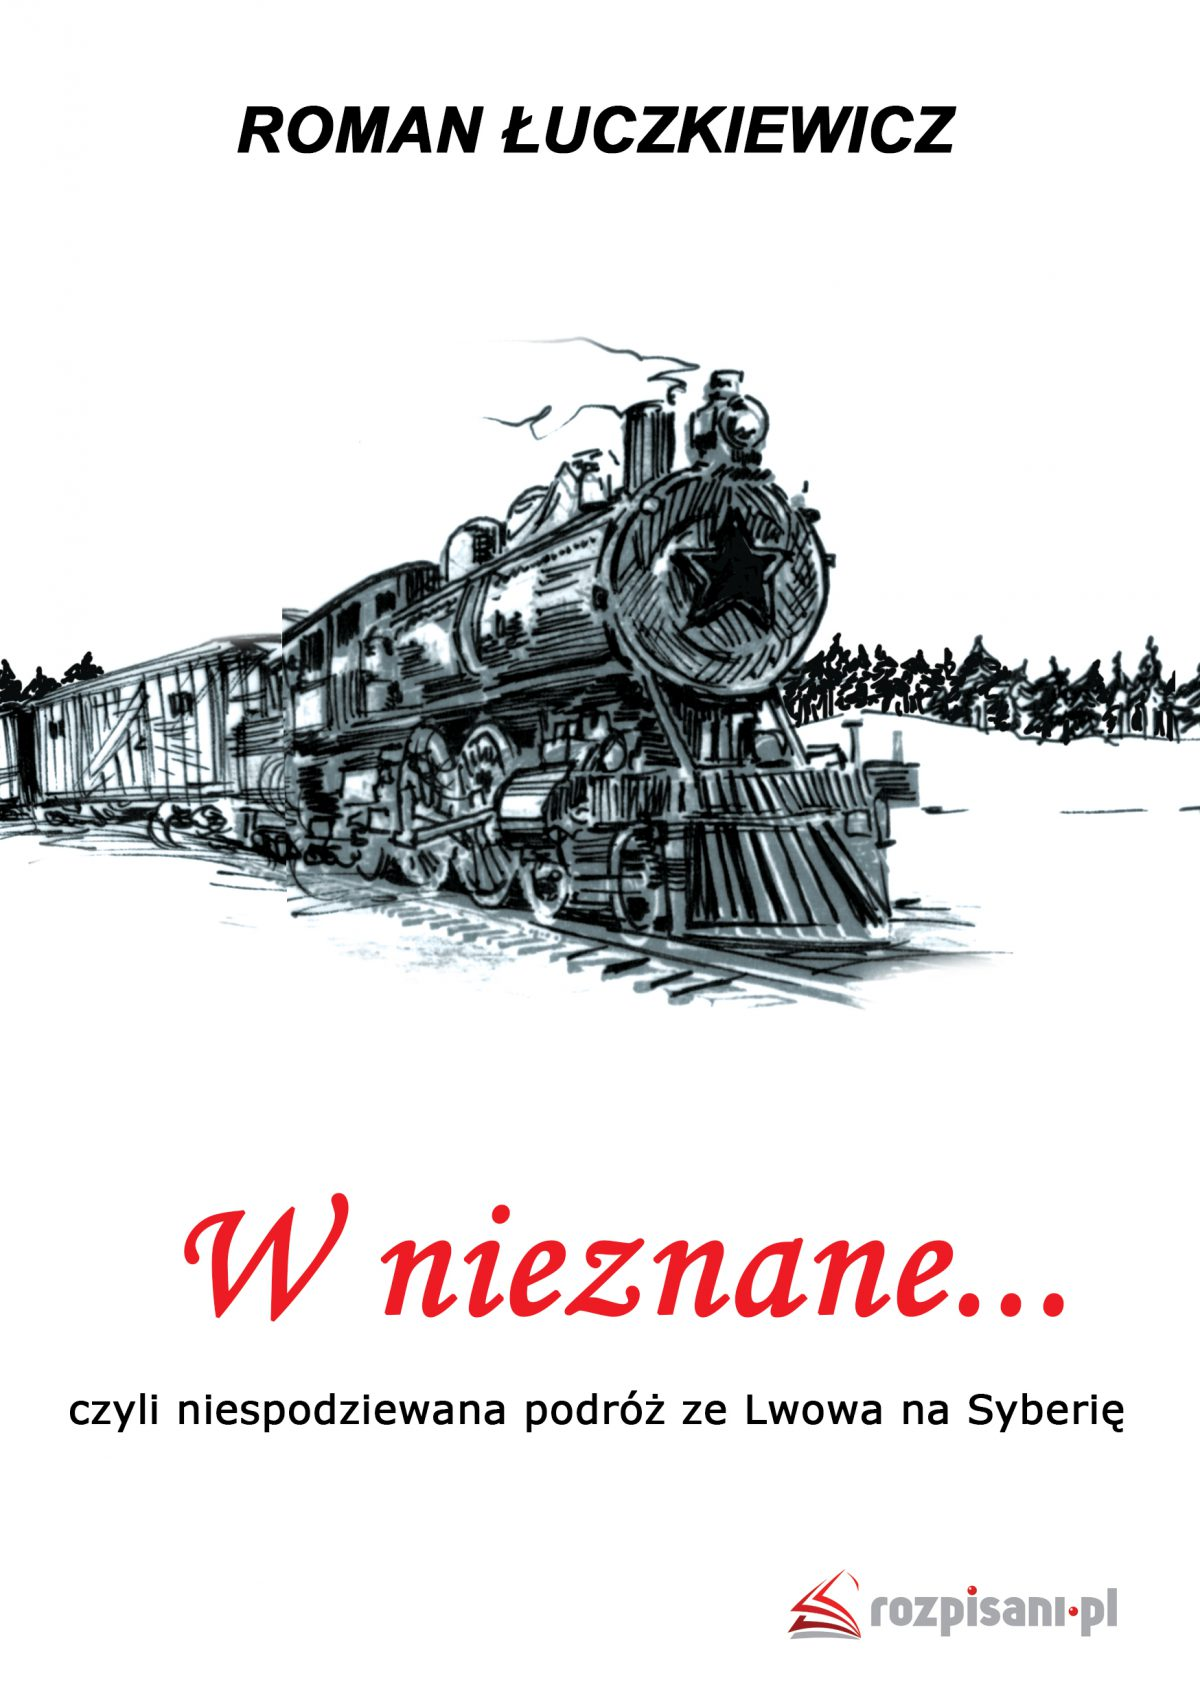 W nieznane... czyli niespodziewana podróż ze Lwowa na Syberię - Ebook (Książka EPUB) do pobrania w formacie EPUB